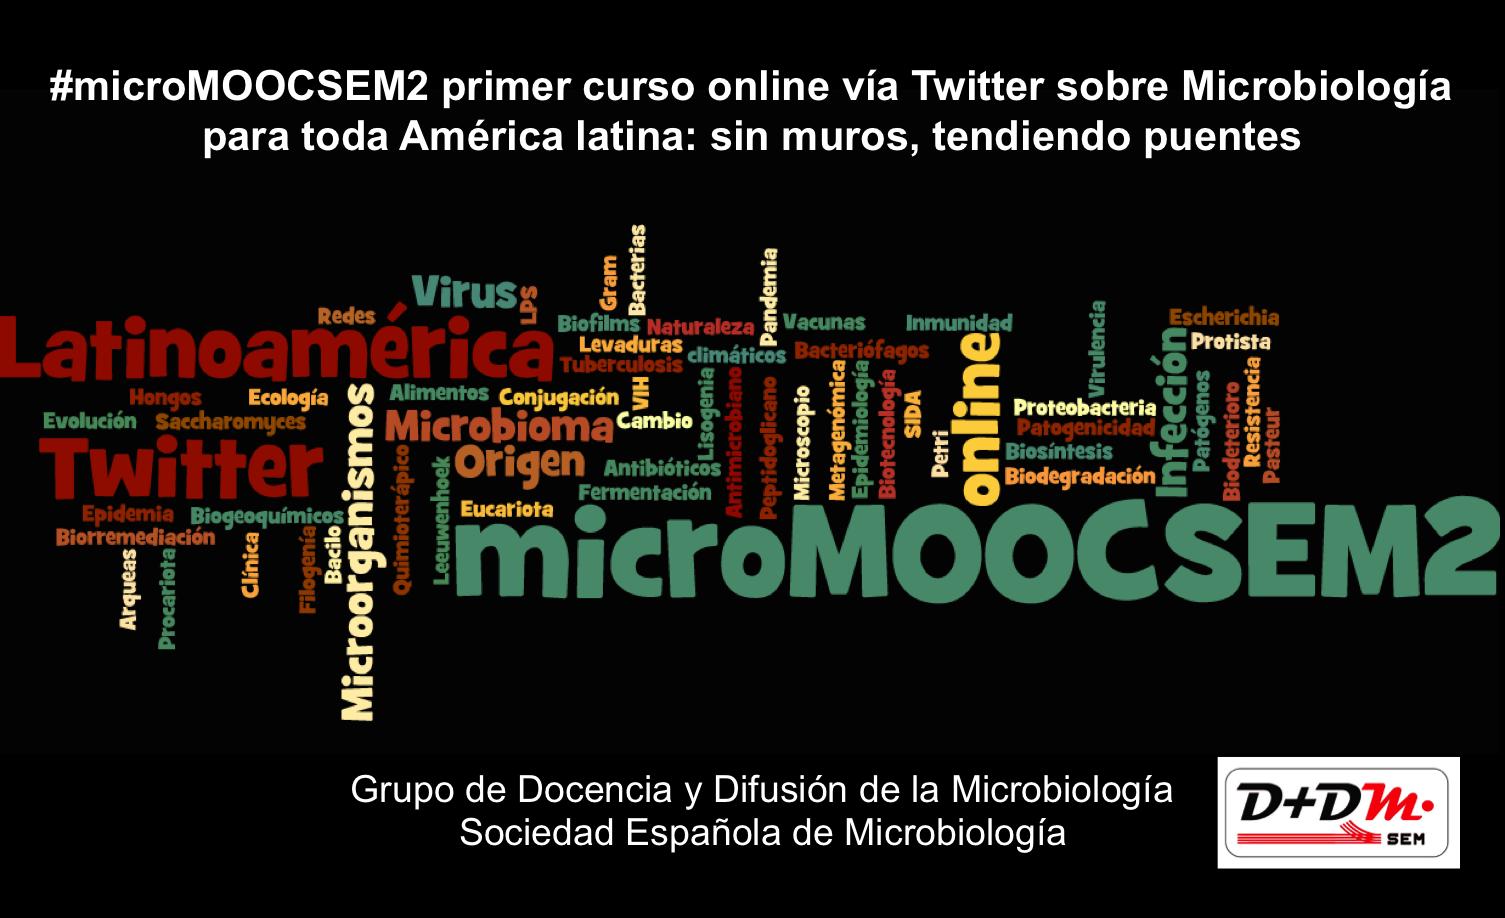 #microMOOCSEM2